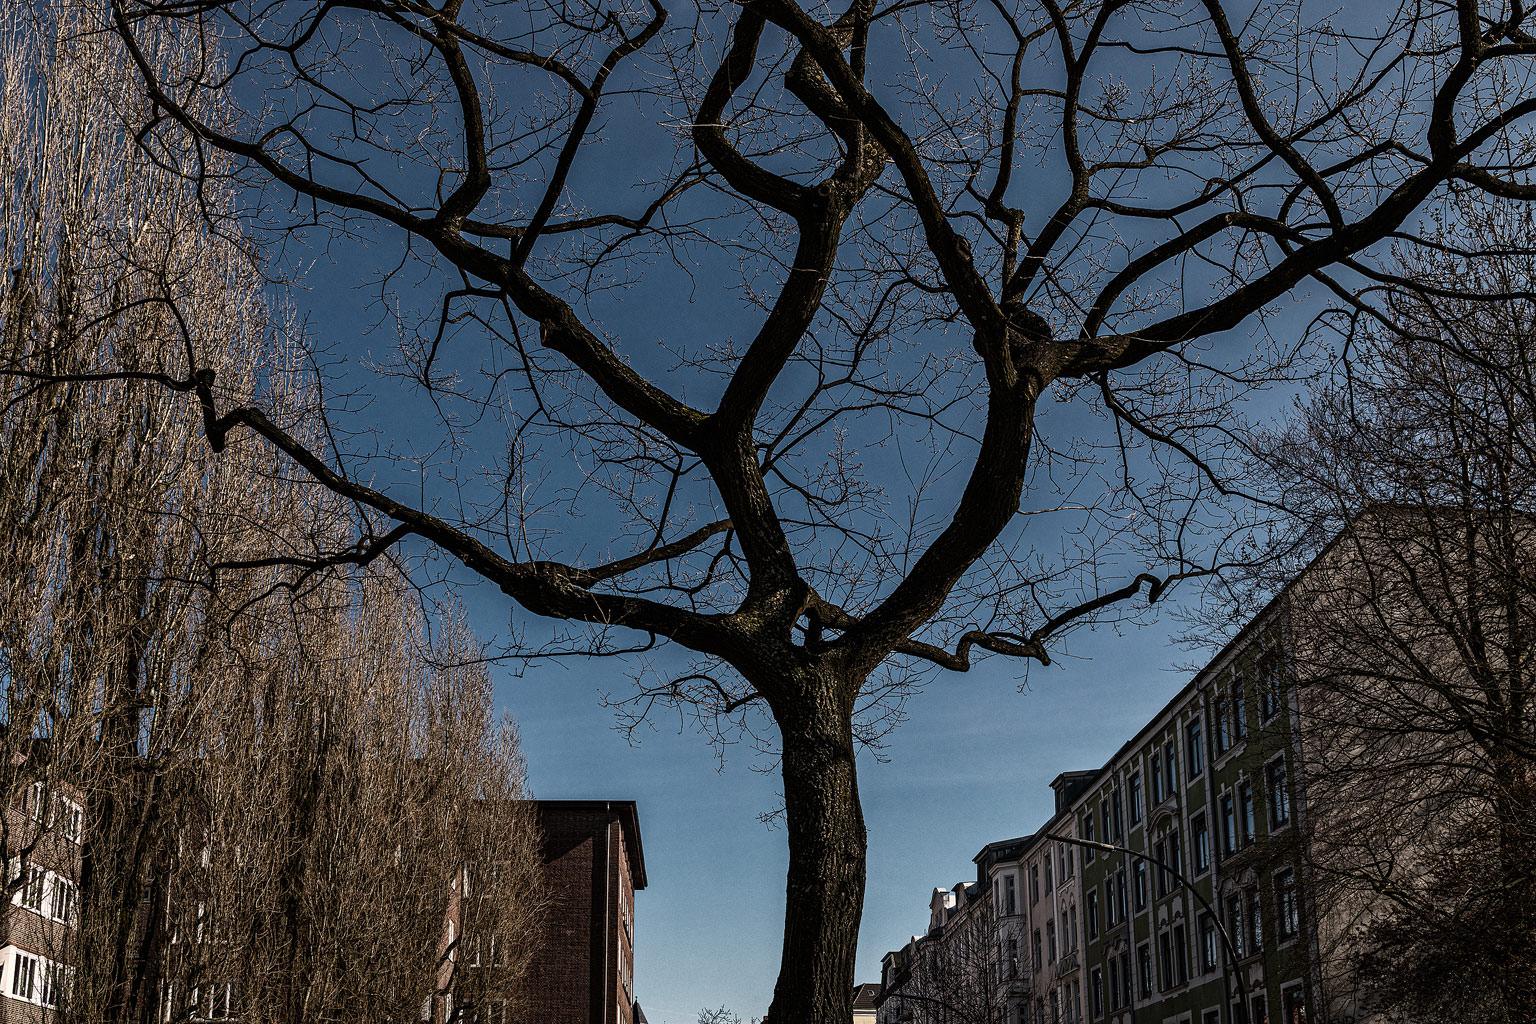 Bahrenfeld Strassenzug Baumsilhouette © Hermann Jansen